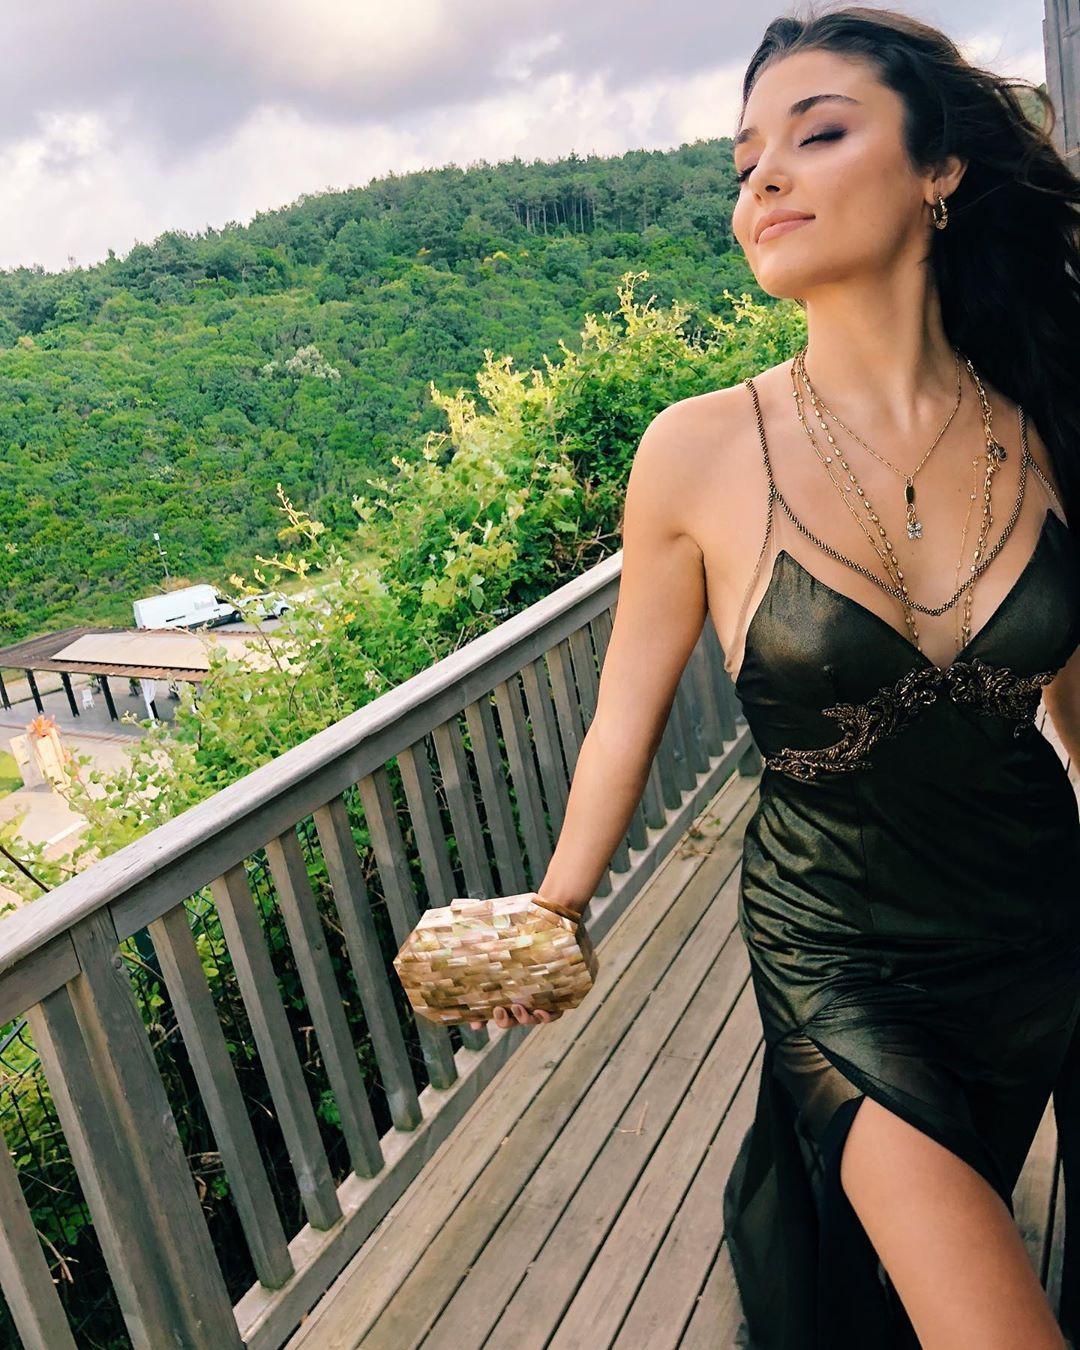 Hande Erçel'in bikinili pozuna 1 milyon beğeni - Sayfa 4